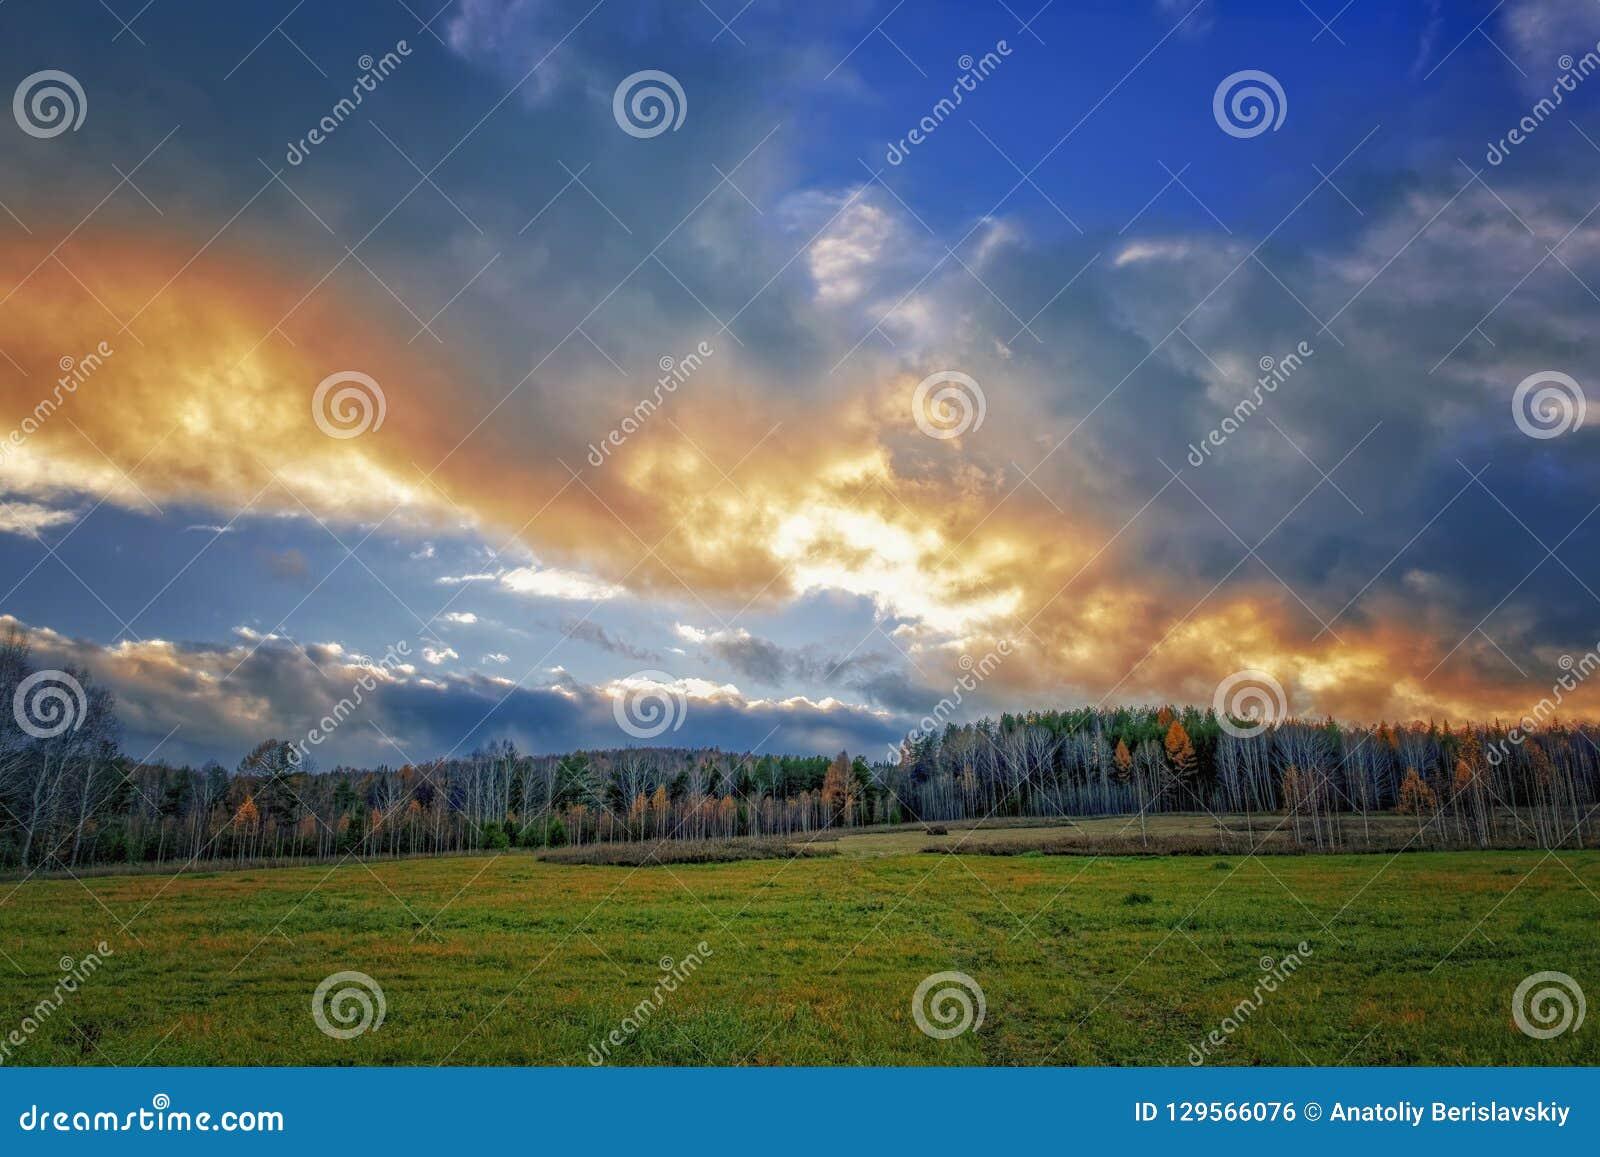 Τοπίο φθινοπώρου με την ξηρά χλόη στο λιβάδι στο υπόβαθρο του δάσους και του ουρανού ηλιοβασιλέματος